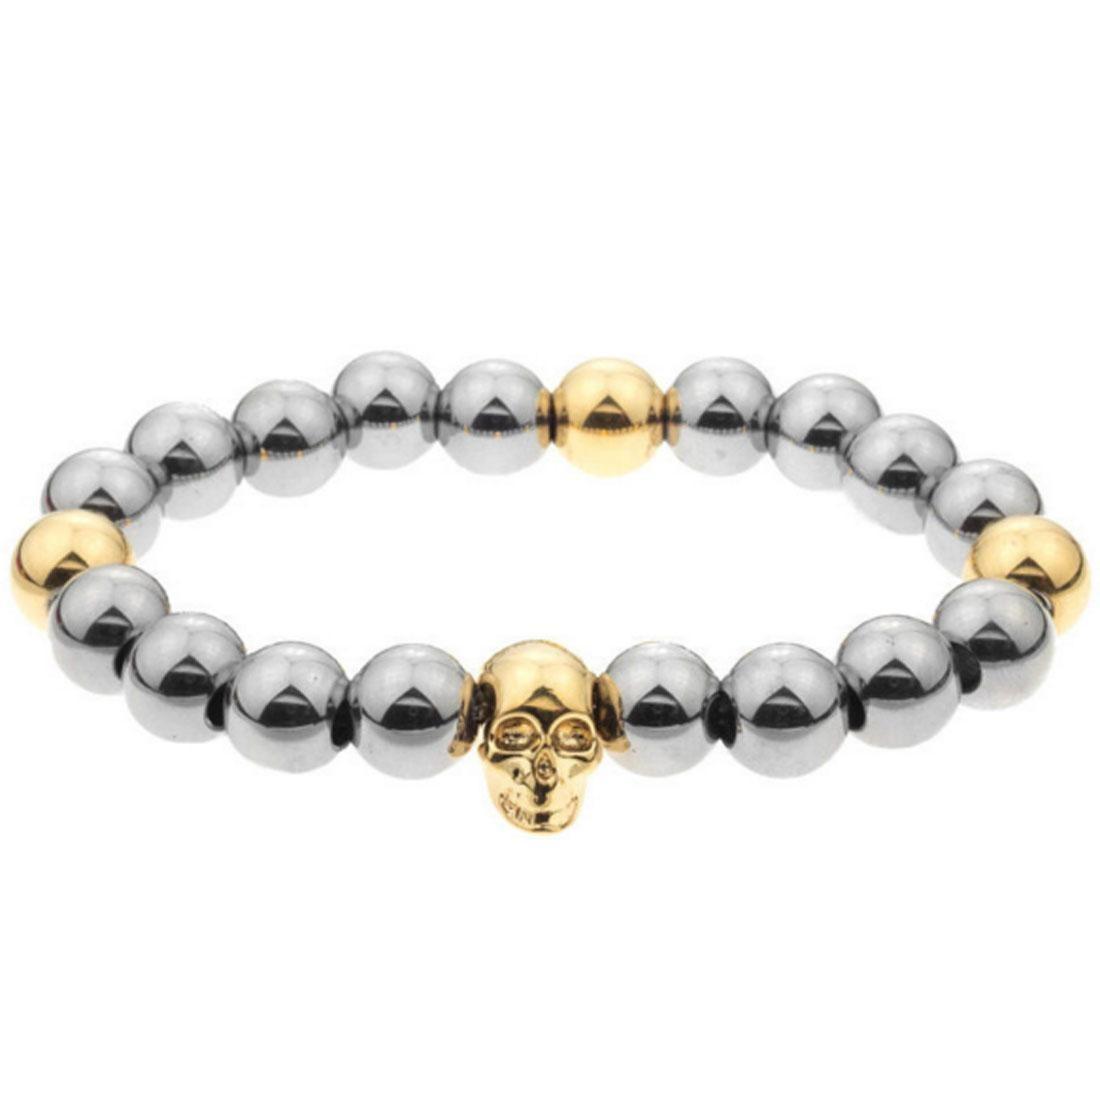 ブレスレット ジュエリー アクセサリー メンズジュエリー メンズ 【 Mister Mr Annum Plus Bracelet (gold / Chrome) 】 Gold / Chrome